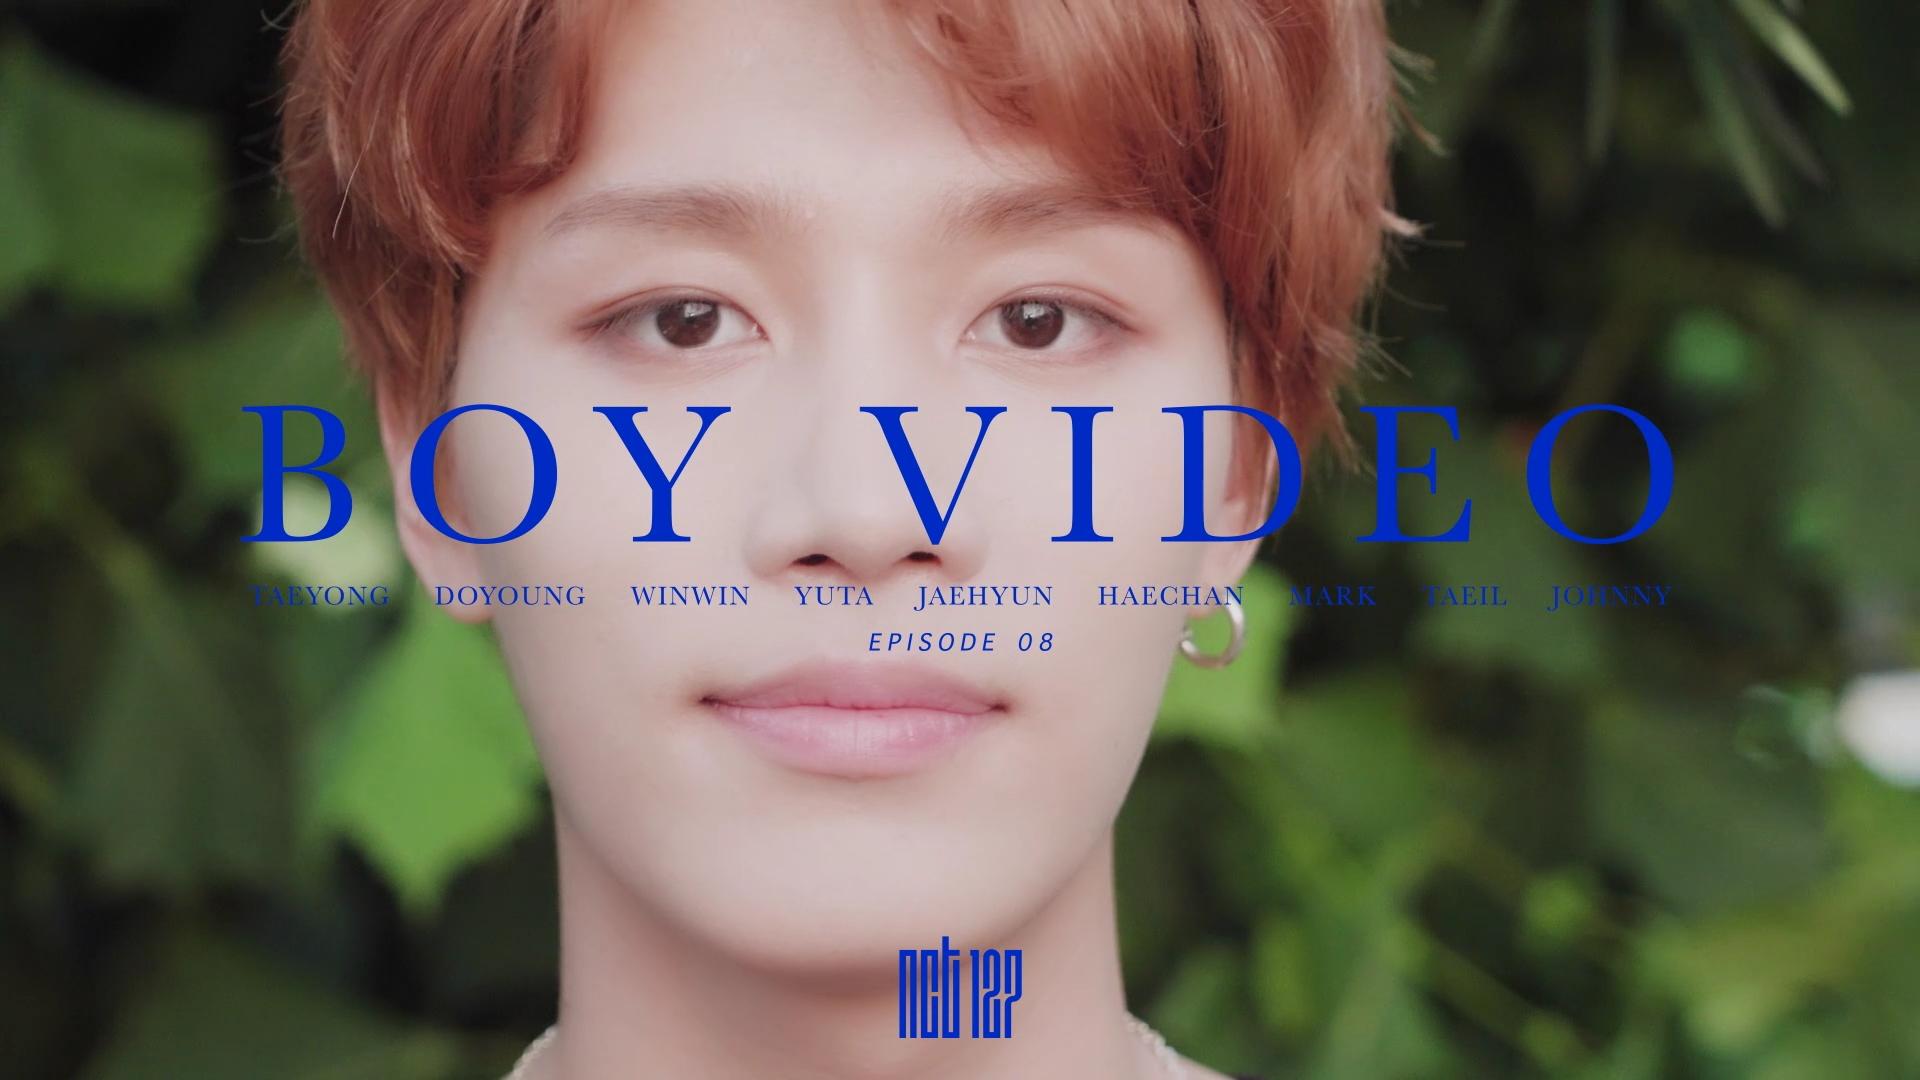 Naver V Live - Video/Subtitle Links for #35462 NCT 127 BOY #TAEIL